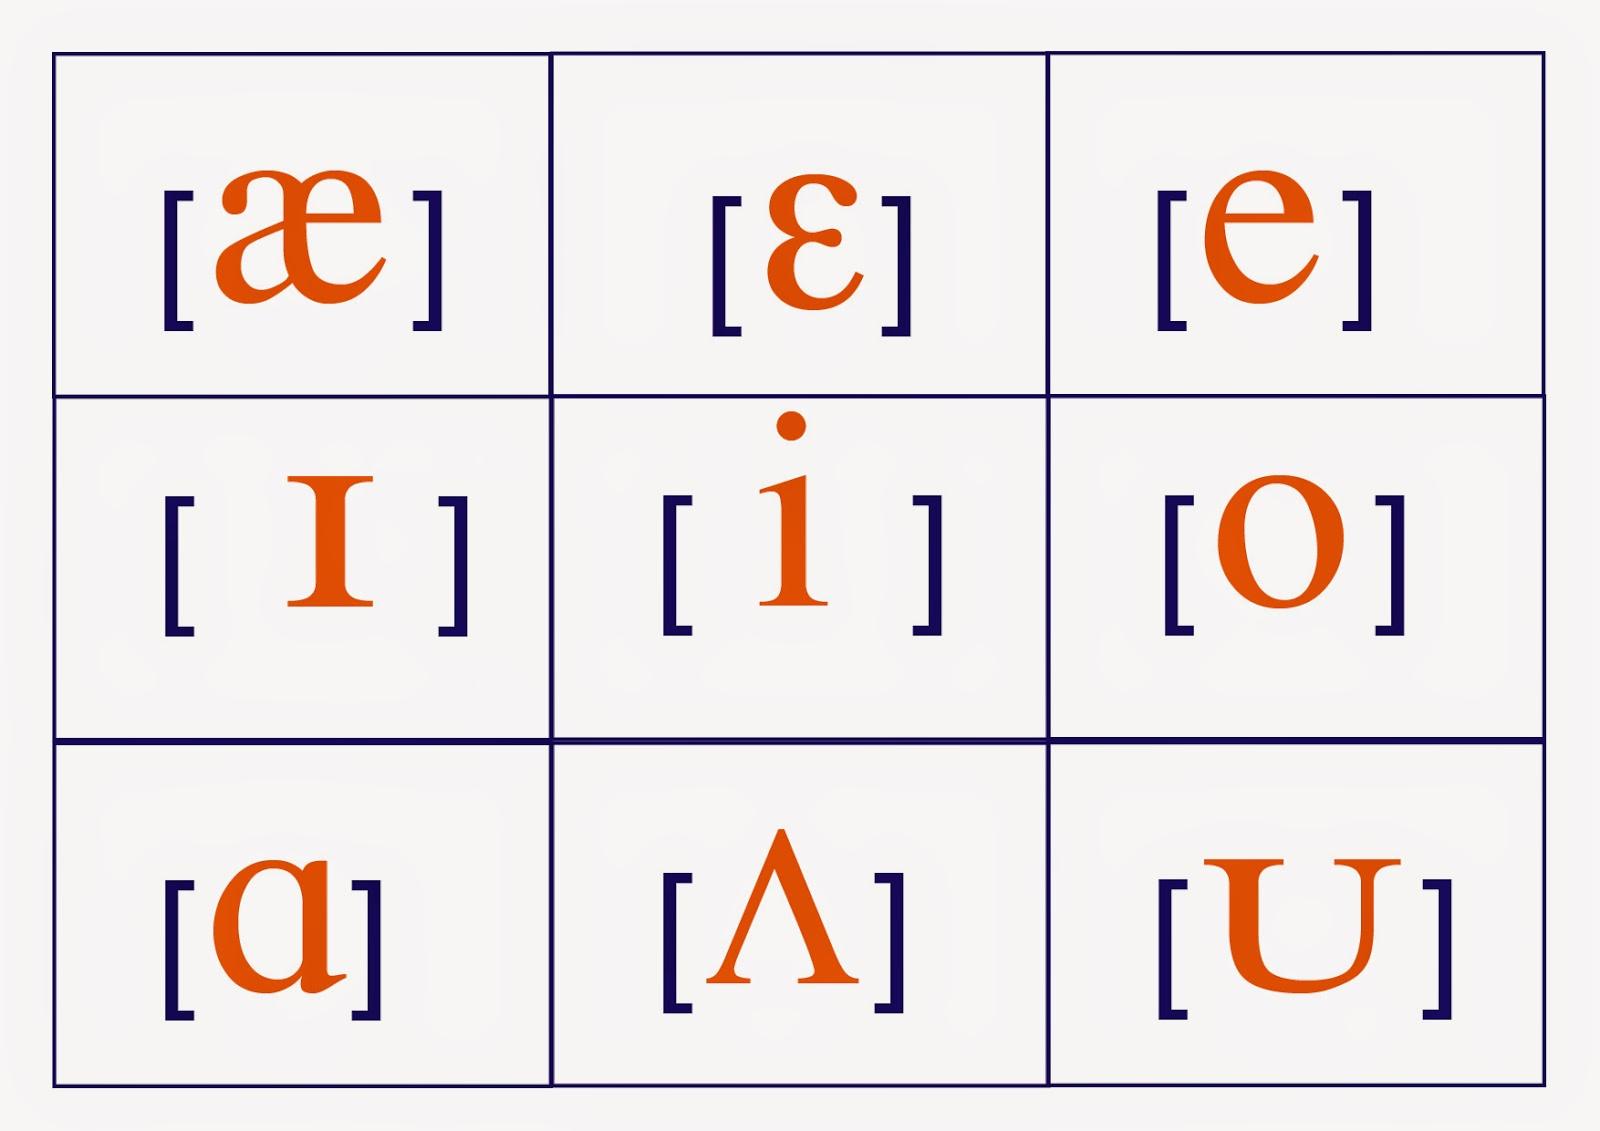 kk音標符號表下載|- kk音標符號表下載| - 快熱資訊 - 走進時代